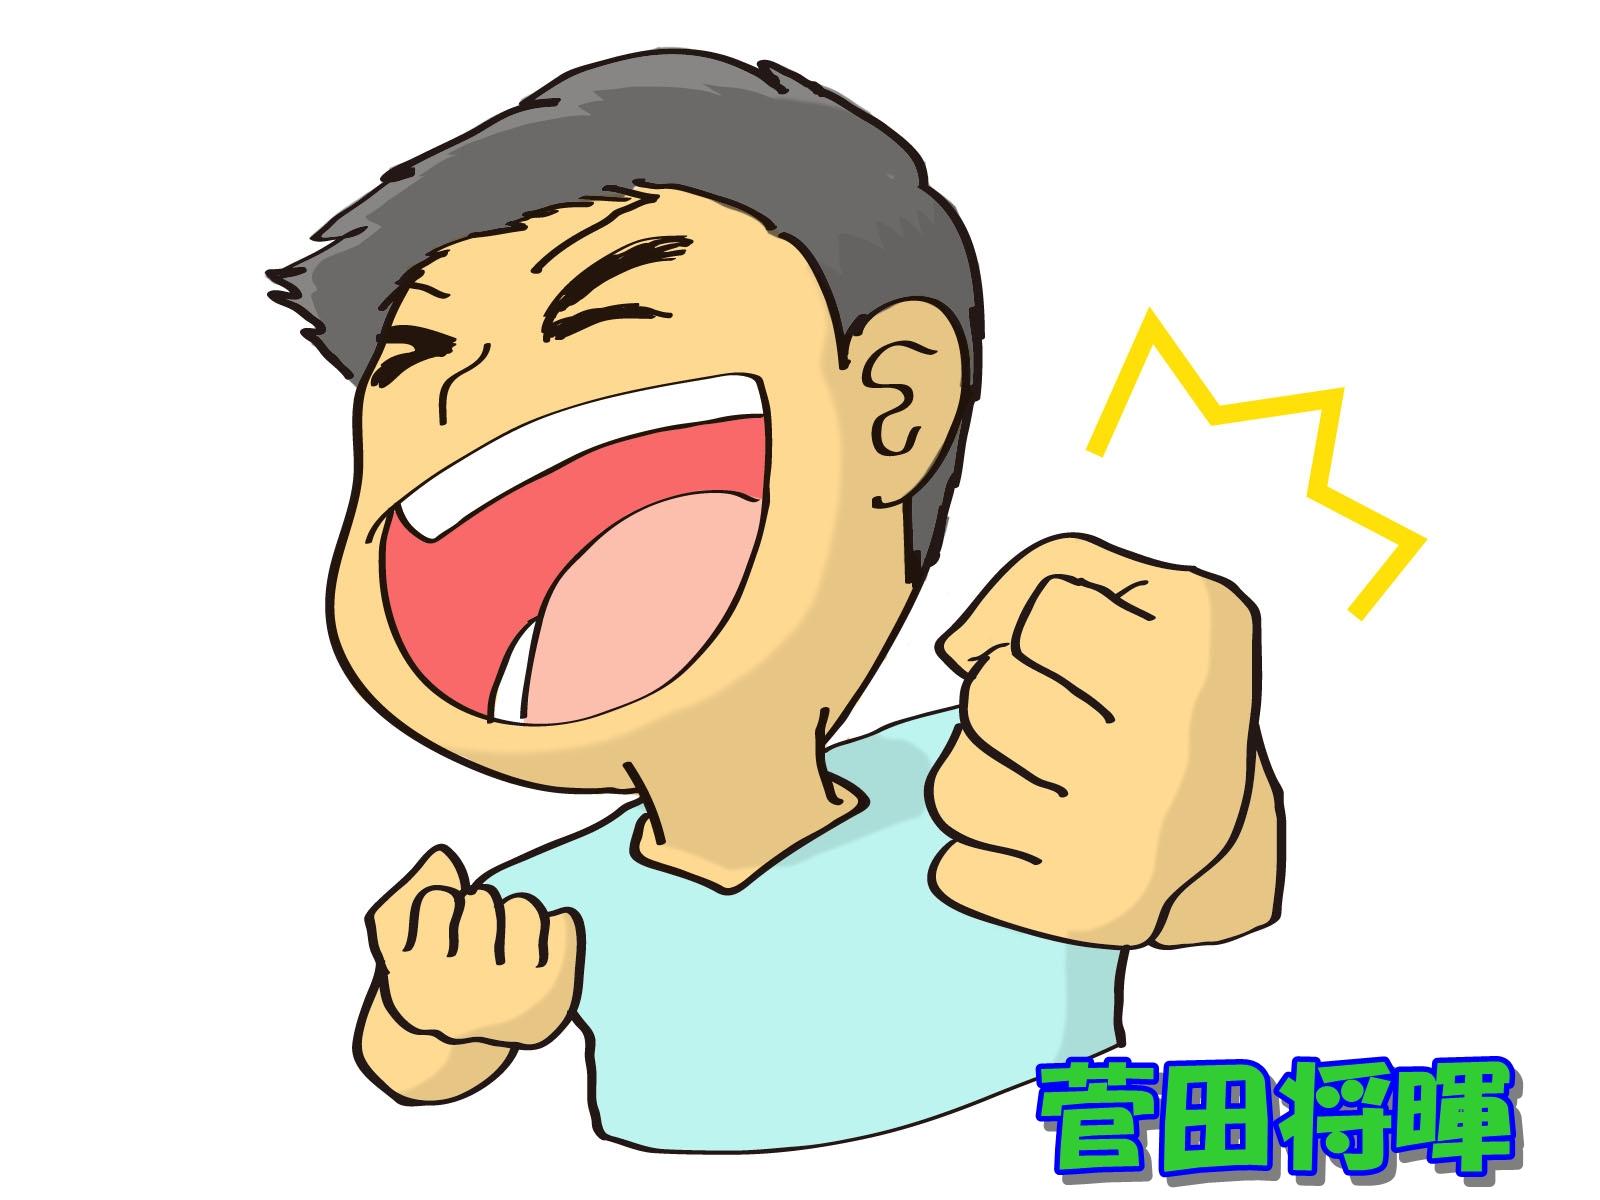 菅田将暉(すだまさき)が死神くん出演!身長等のプロフィールは?